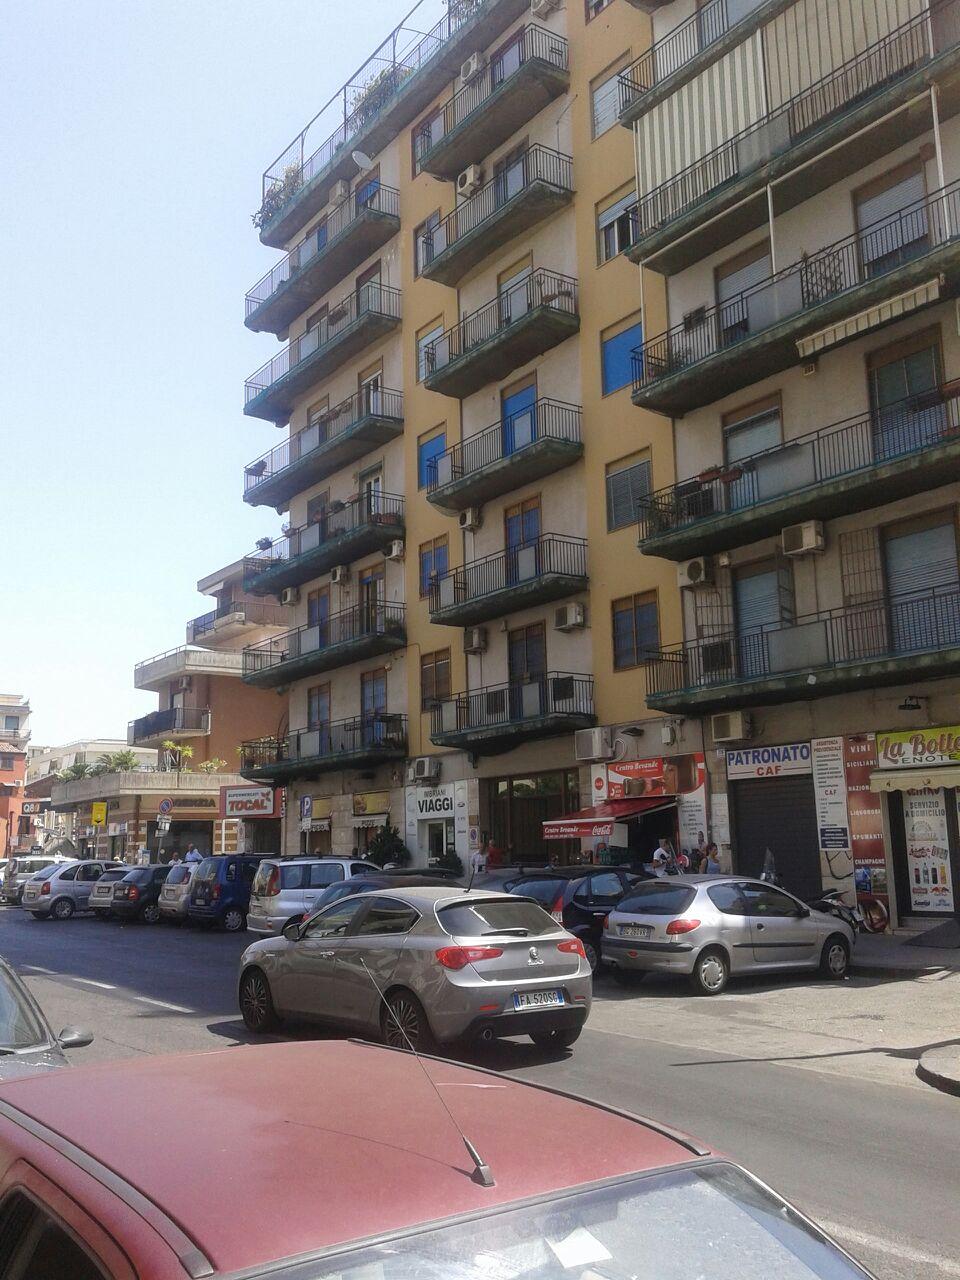 Negozio / Locale in vendita a Catania, 9999 locali, zona Località: Zonacentro, prezzo € 62.000 | CambioCasa.it